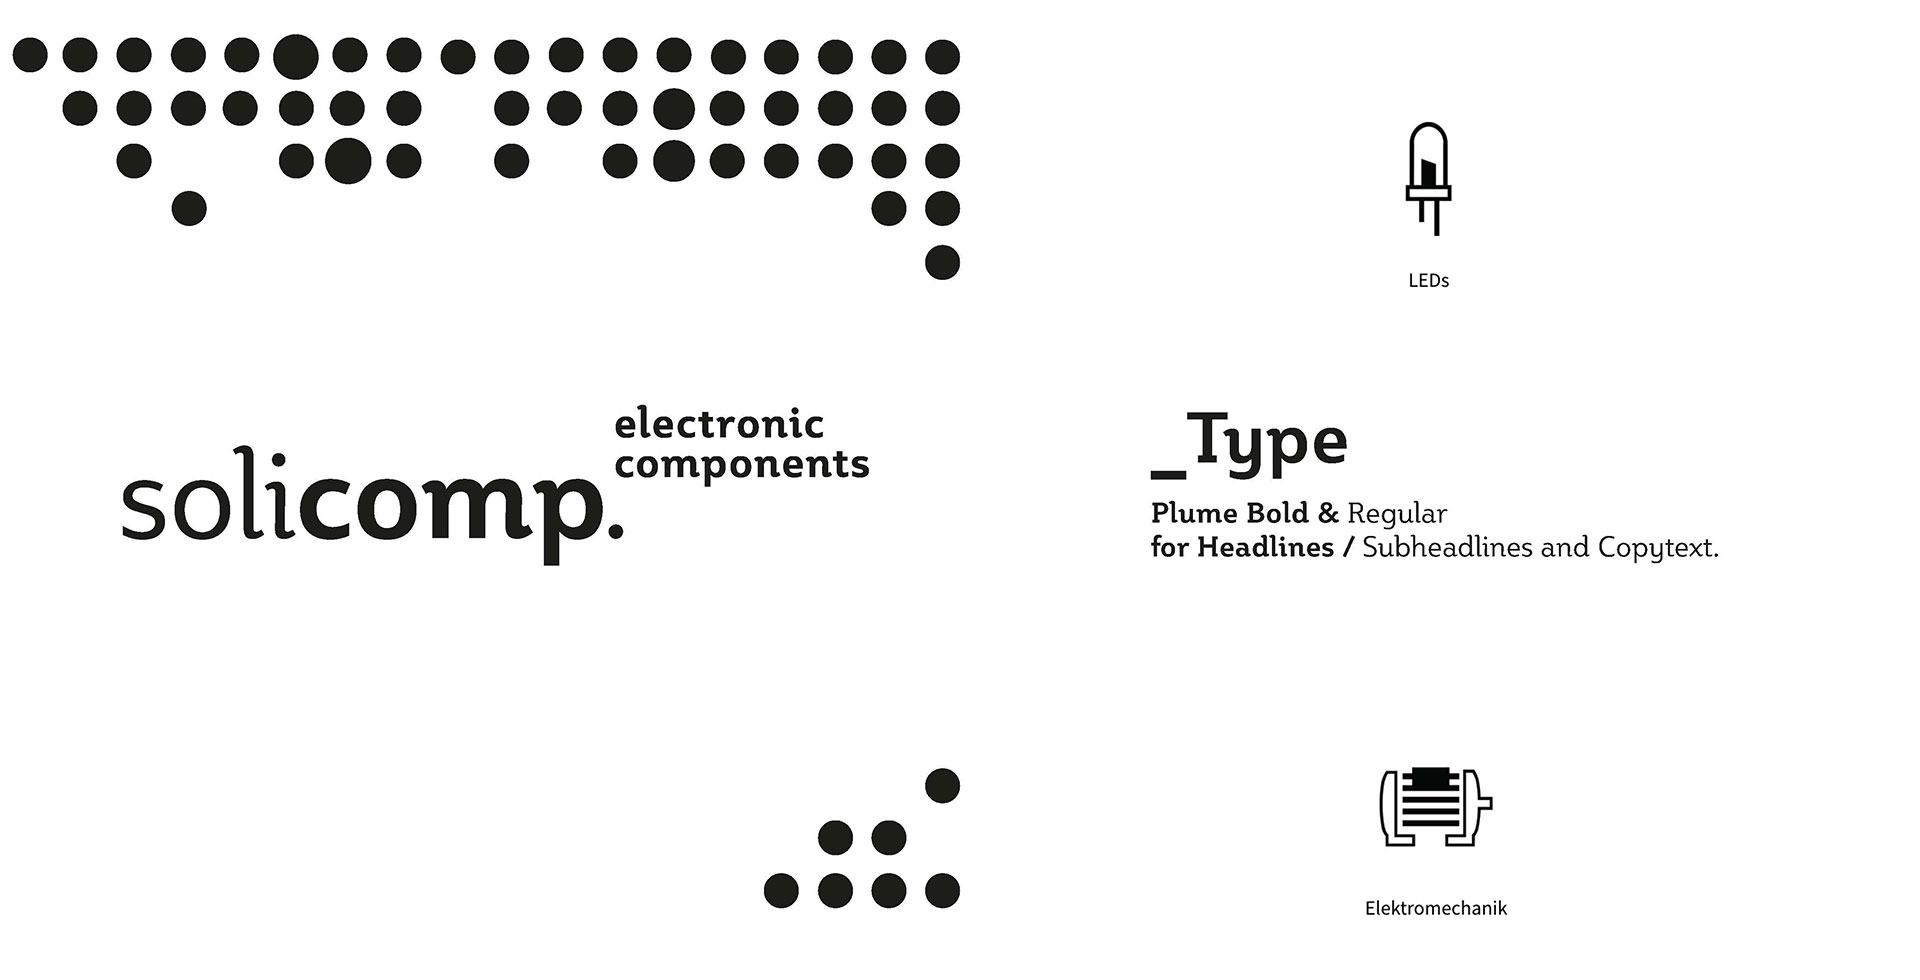 Solicomp – Marke, Typografie und visuelle Findung